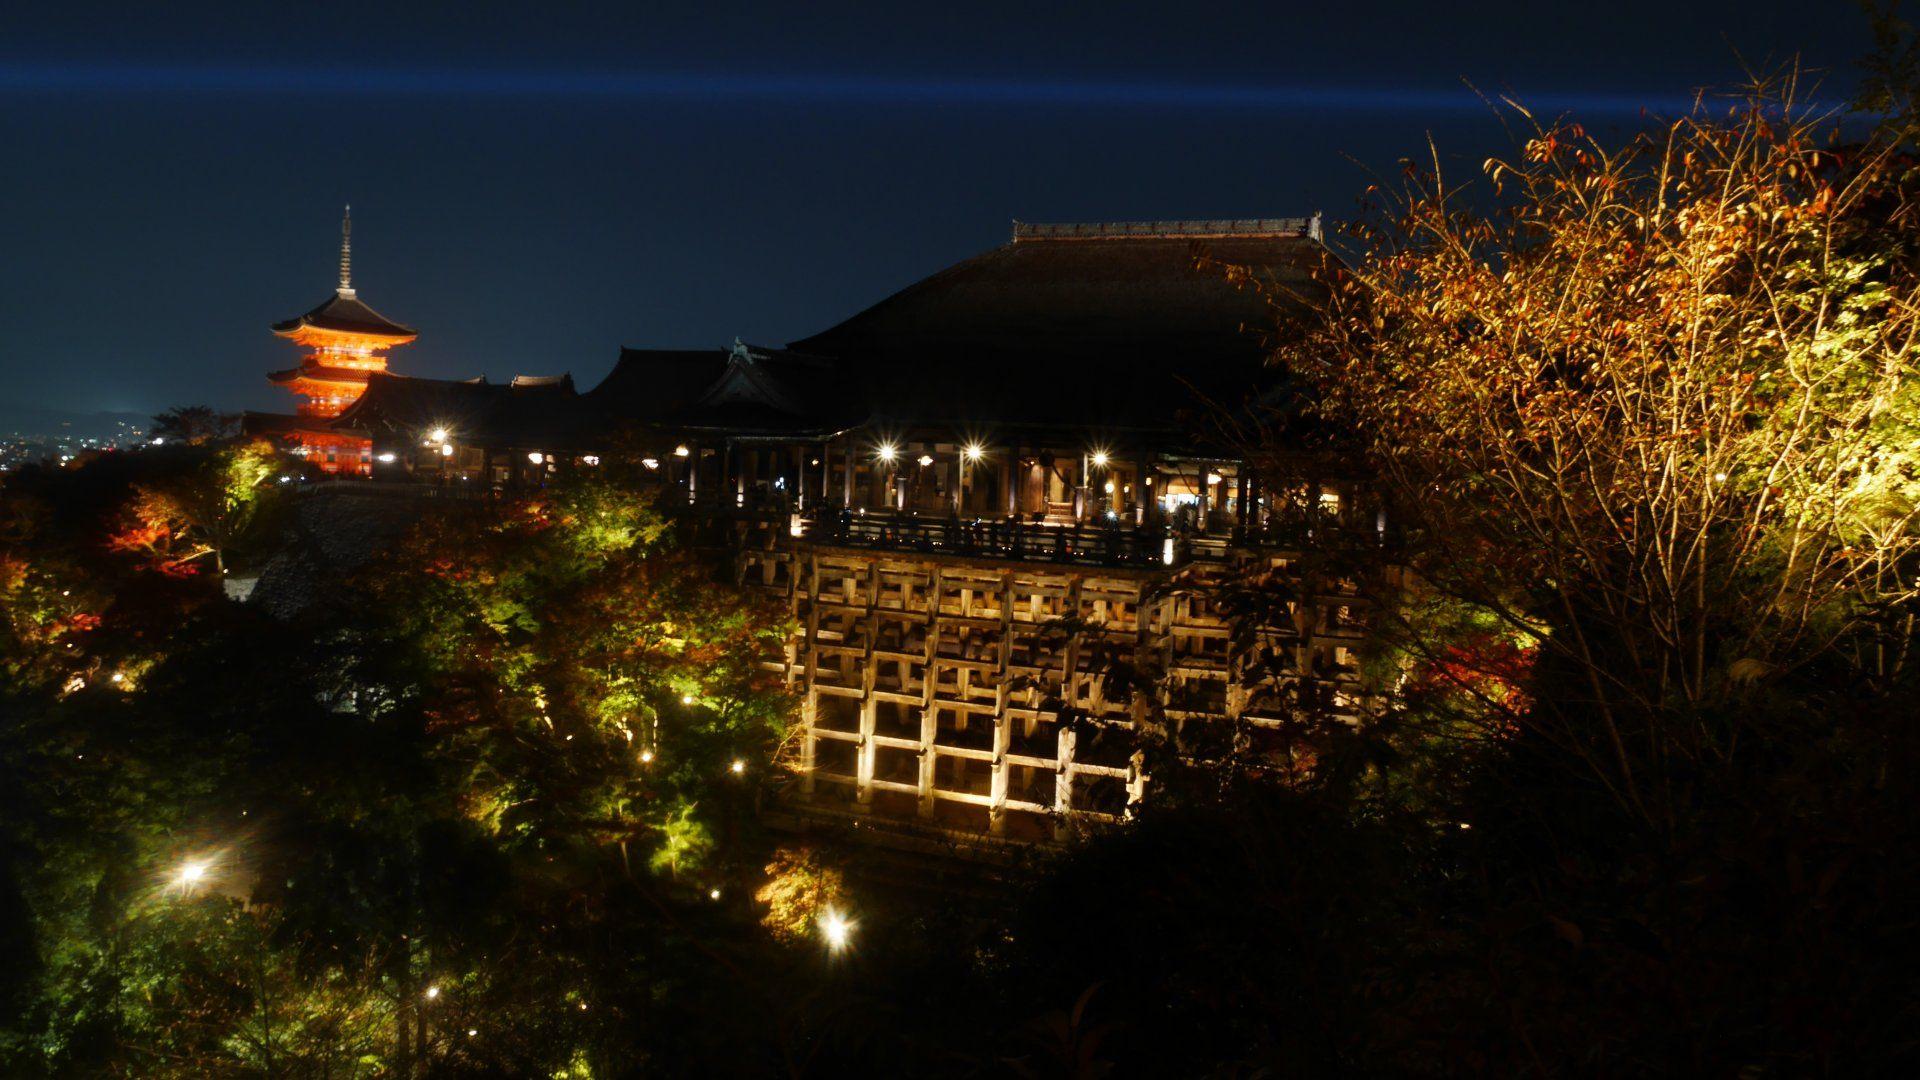 京都紅葉 清水寺 特別點燈